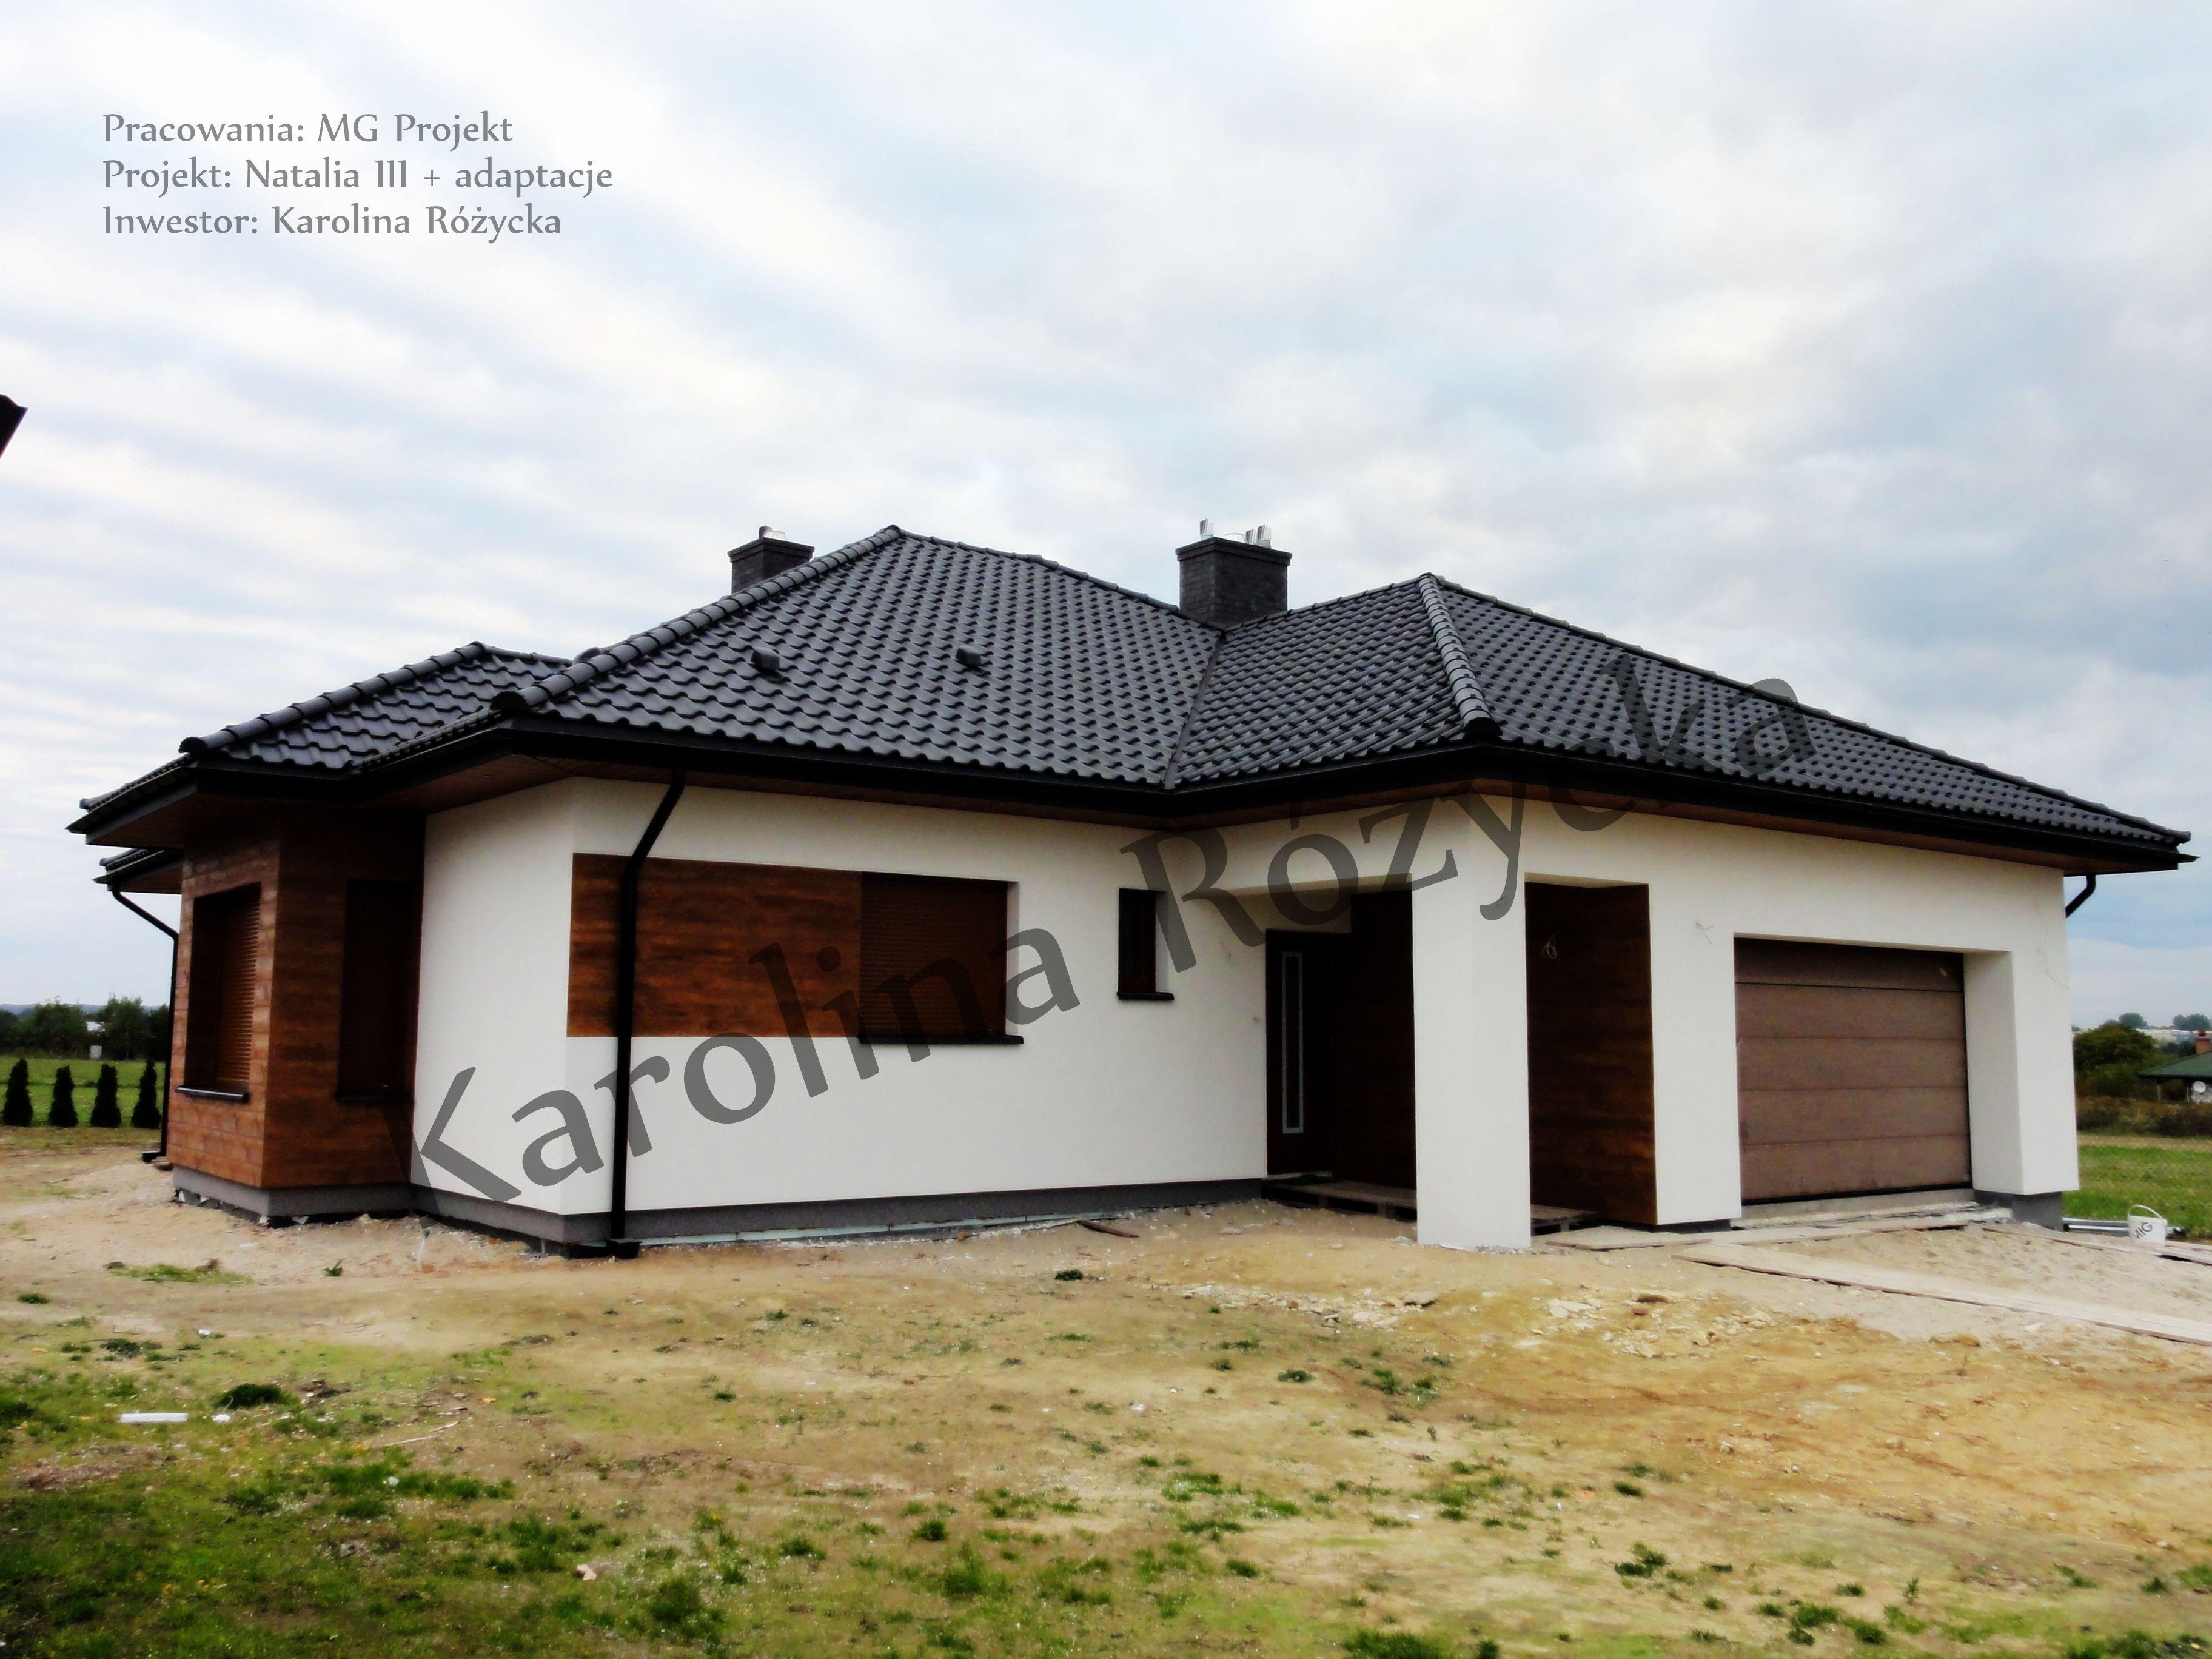 karolina-i-lukasz-rozyccy-1381074722_1163.jpg